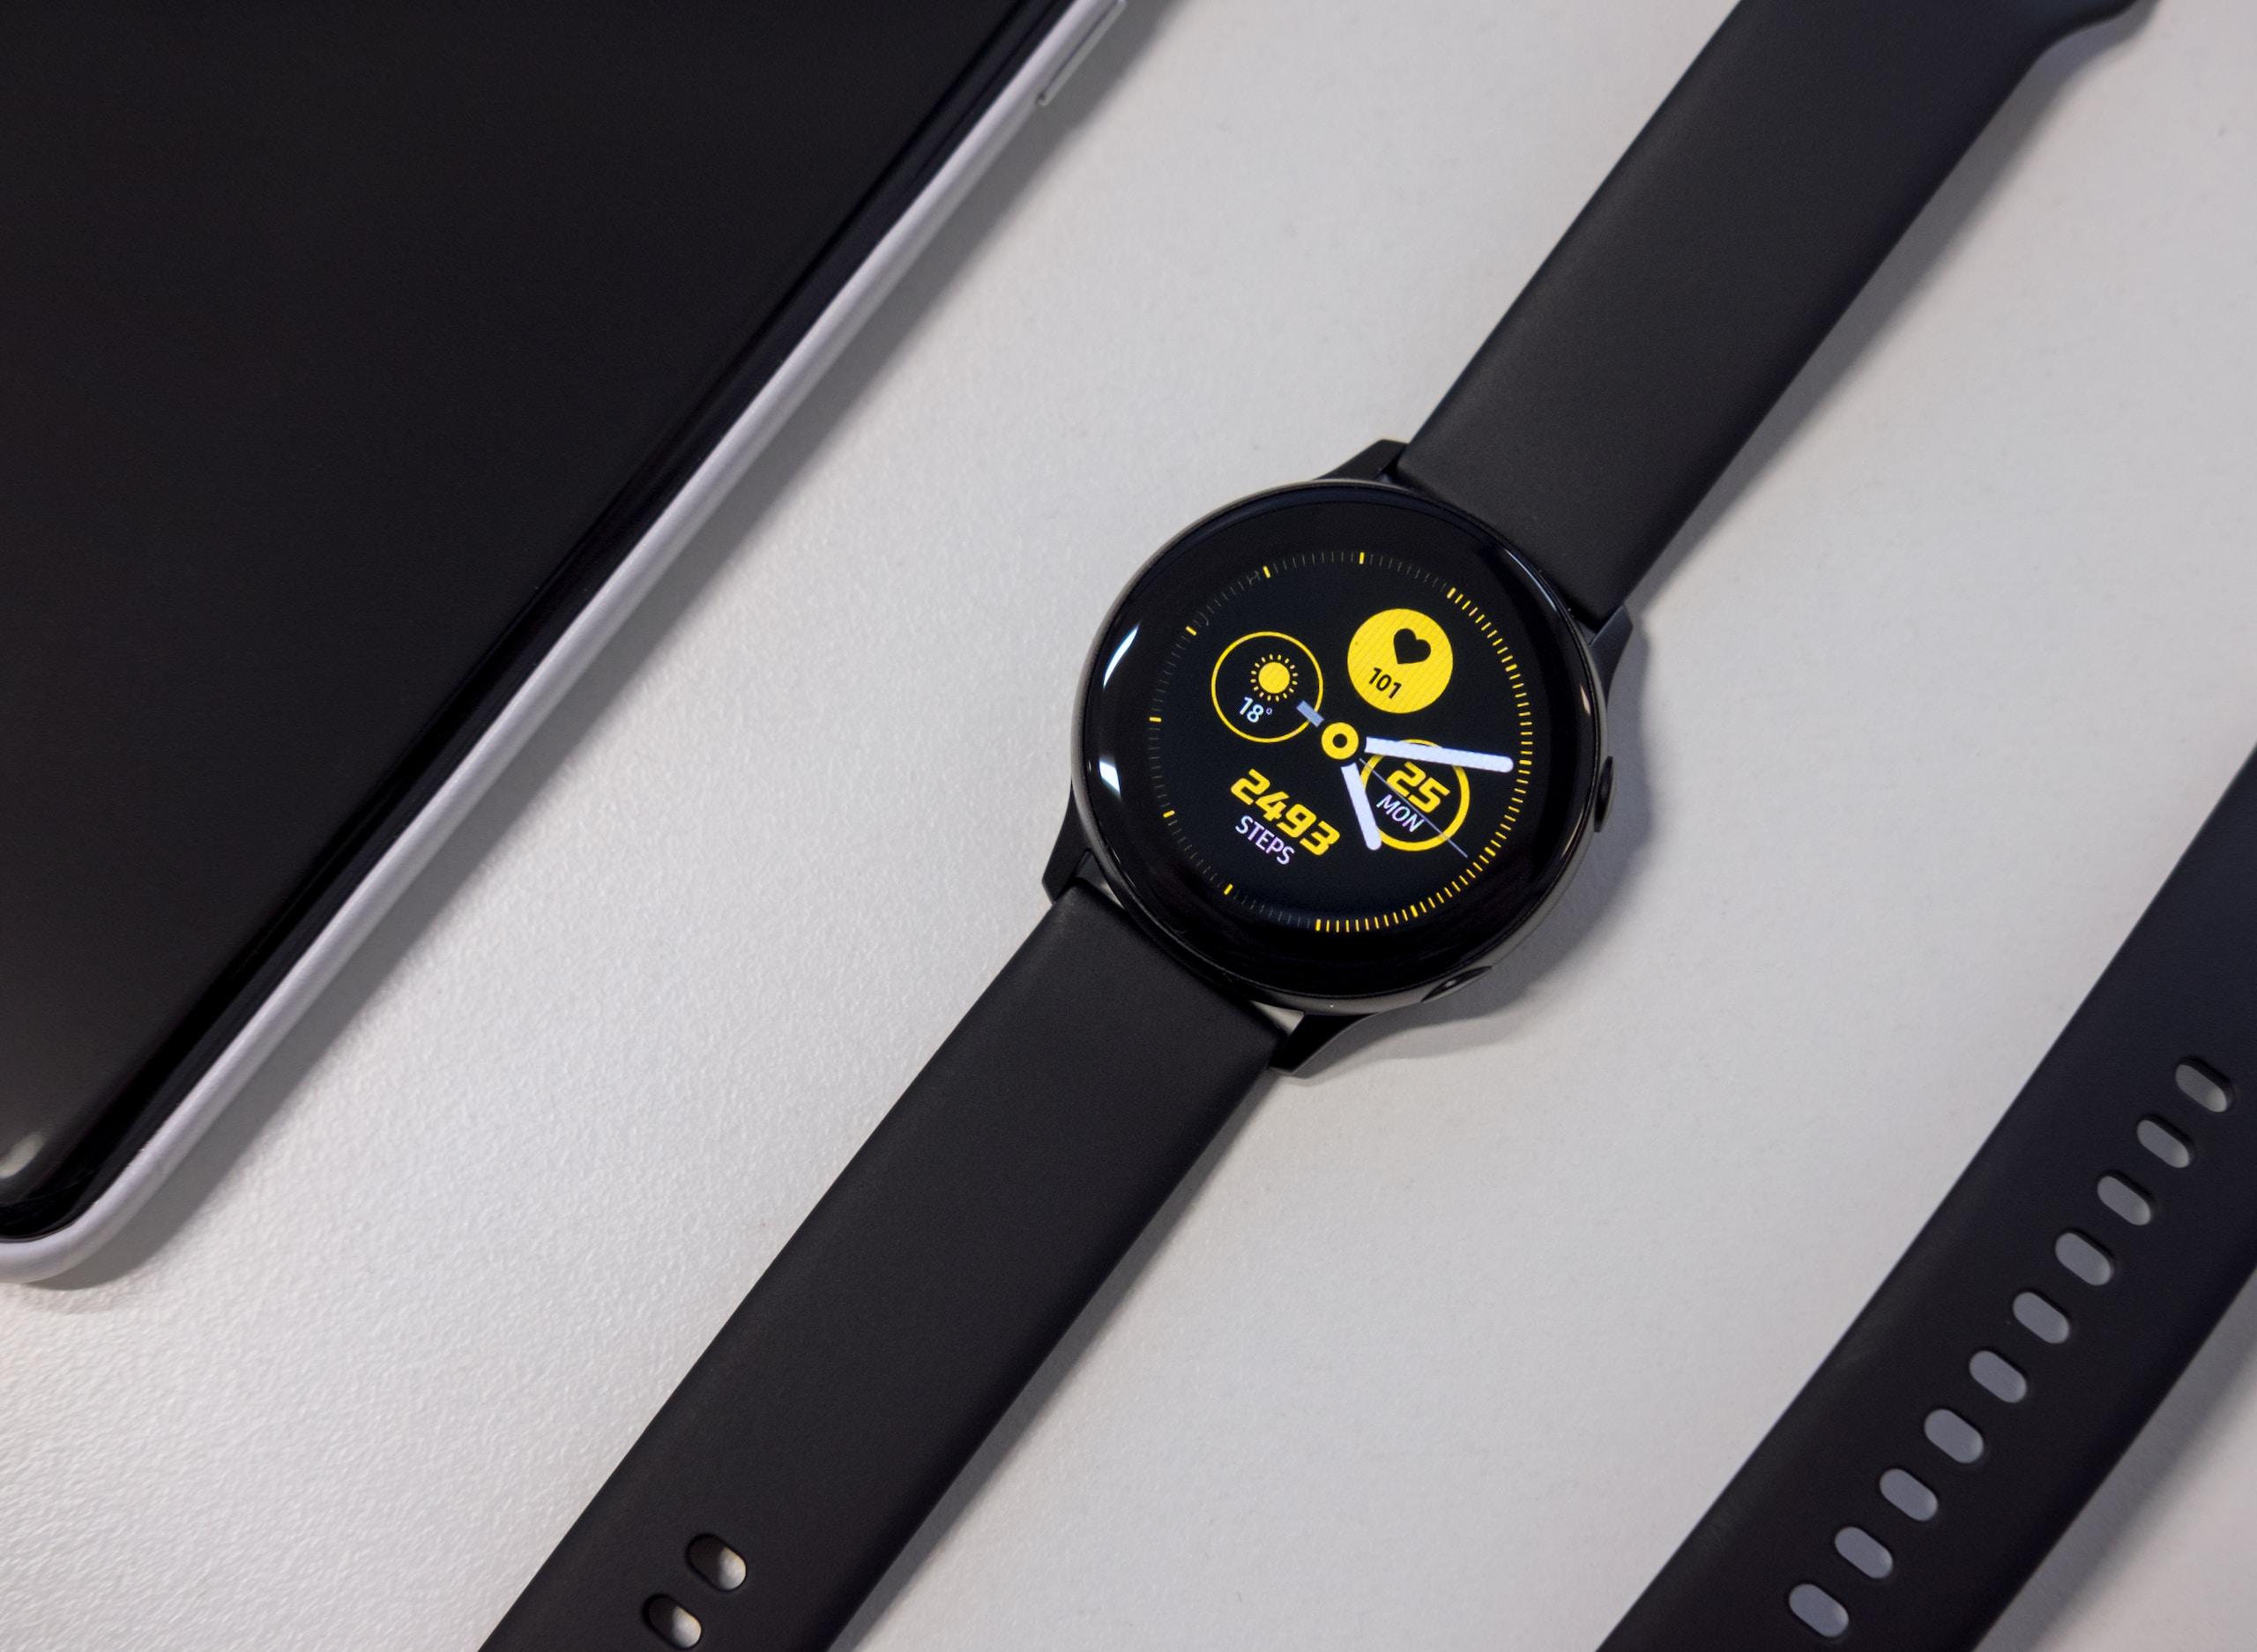 Facebook lanzaría su smartwatch en 2022 y tendría cámara desmontable